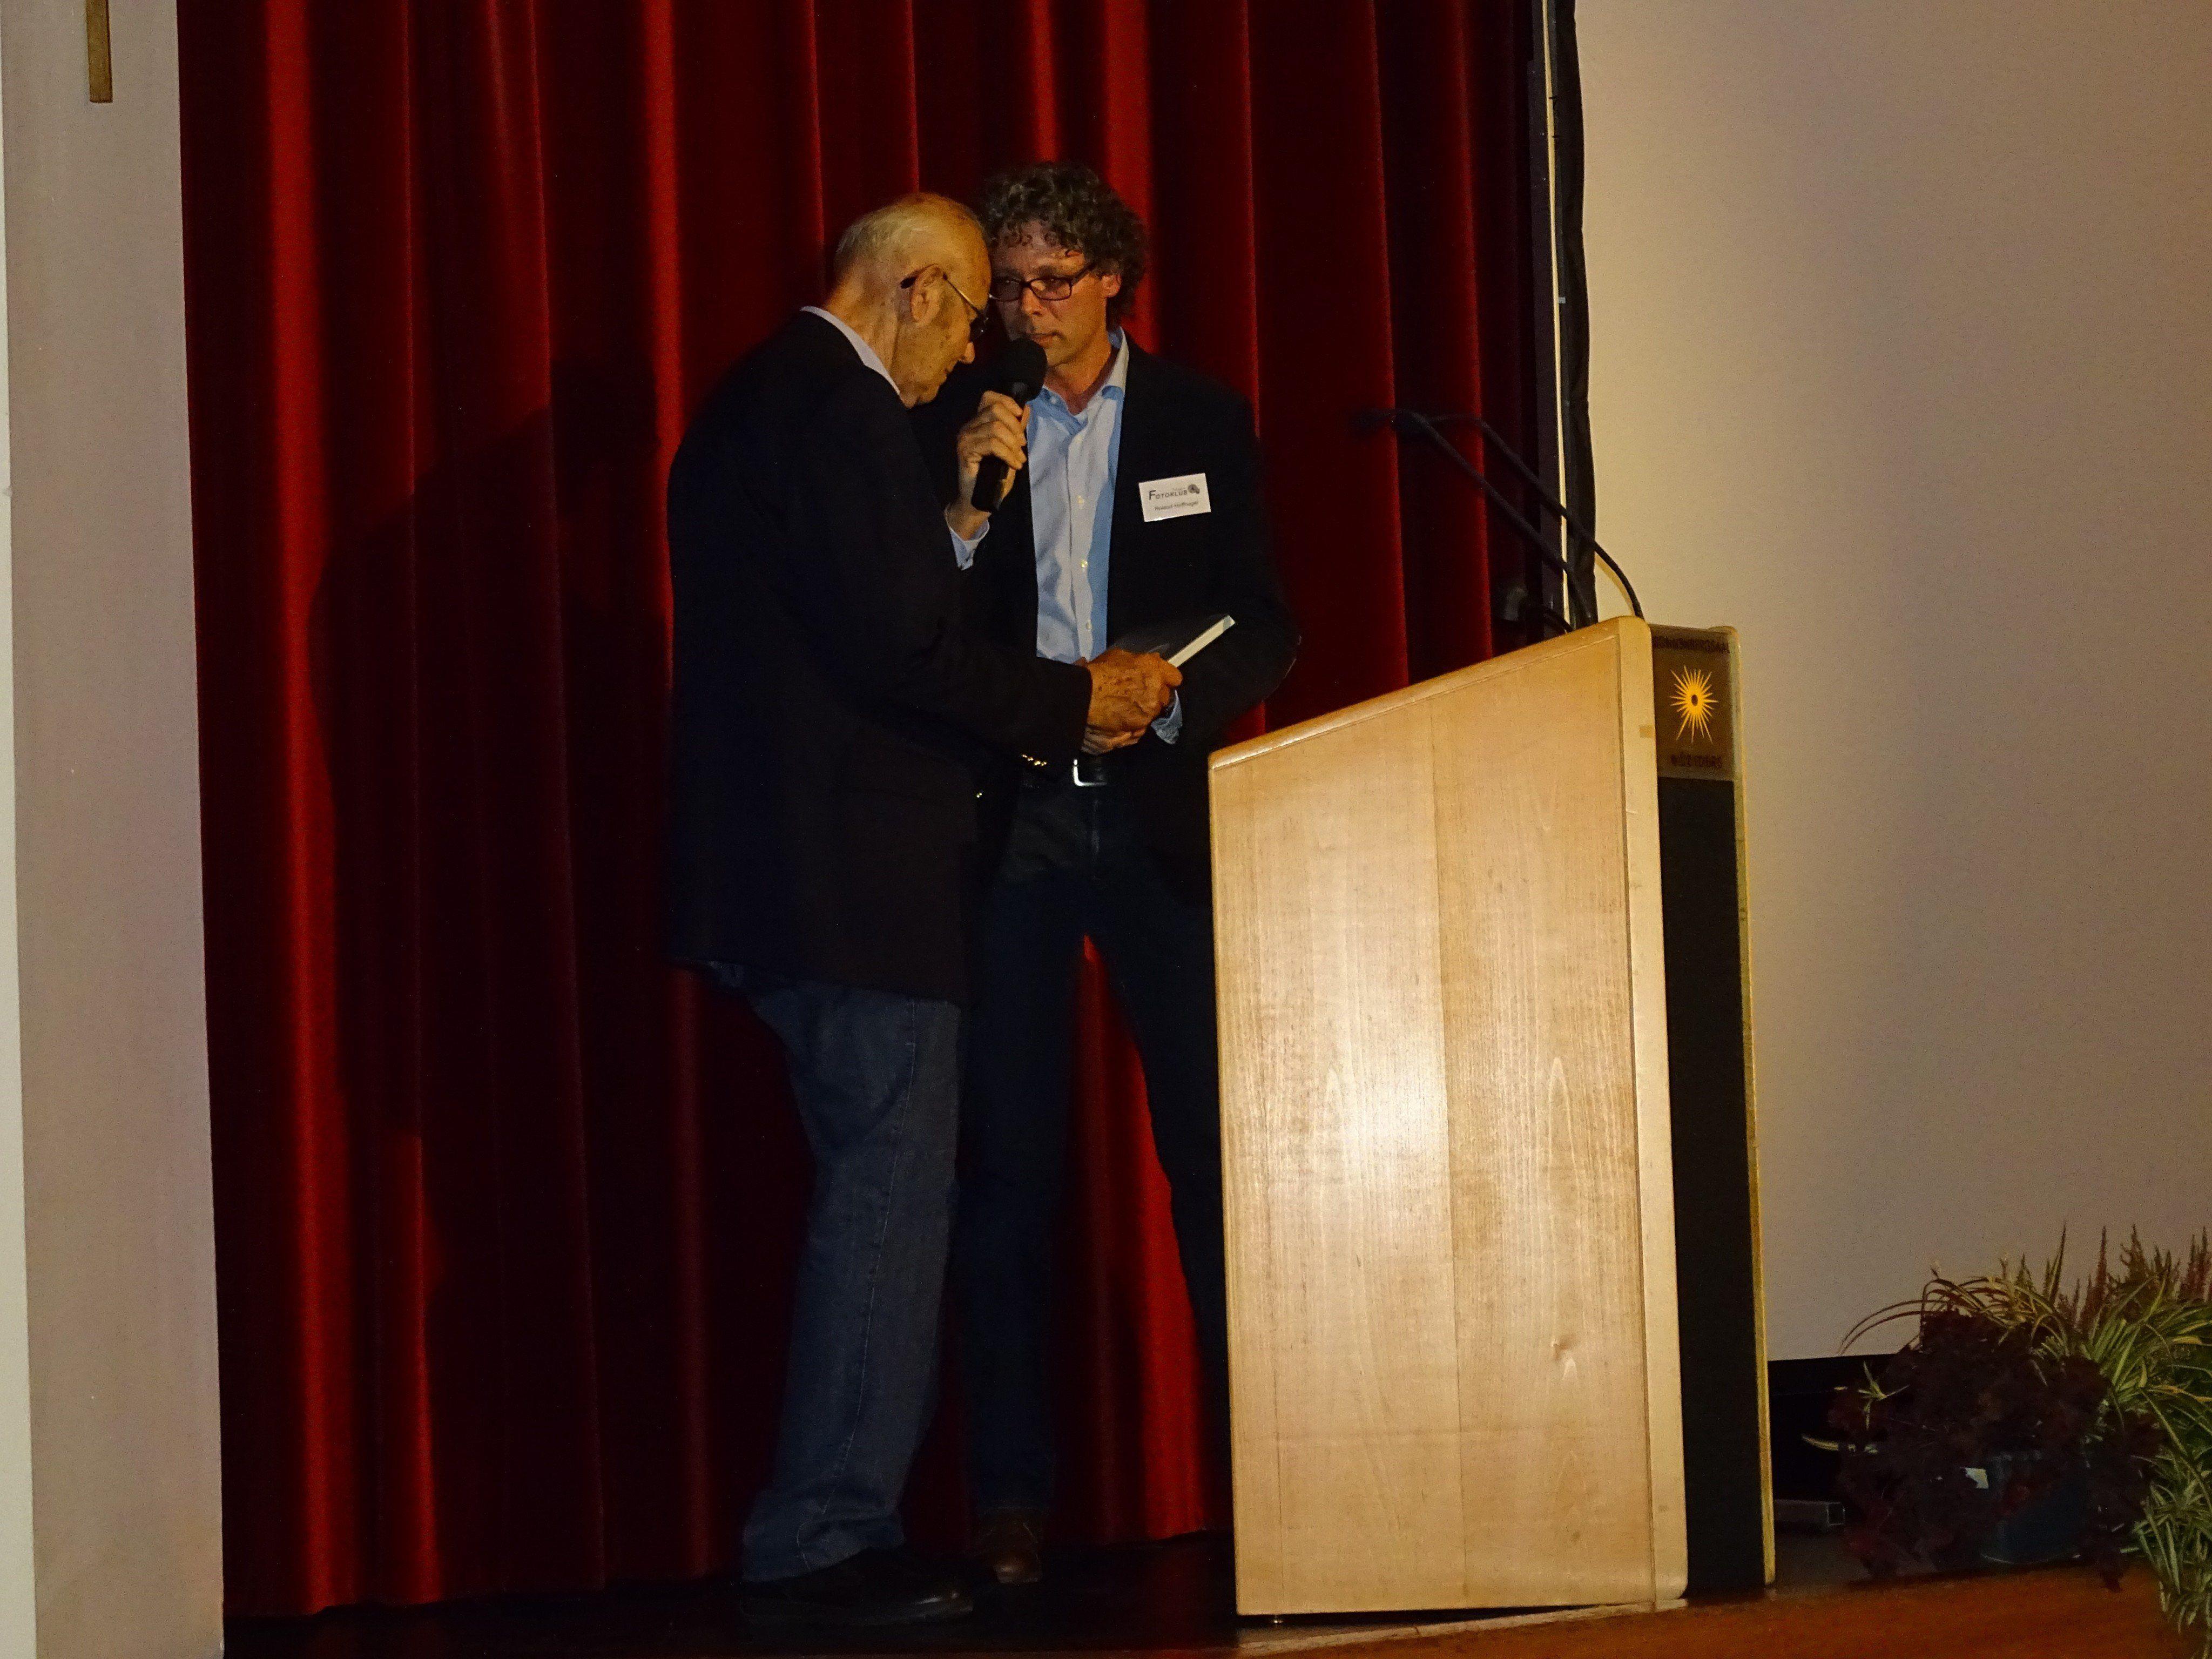 """Fotoklub-Obmann Roland Huffnagel überreichte an diesem Abend das erste Exemplar des Fotobands """"Nüziger Einblicke"""" an Ehrenmitglied Othmar Huber."""